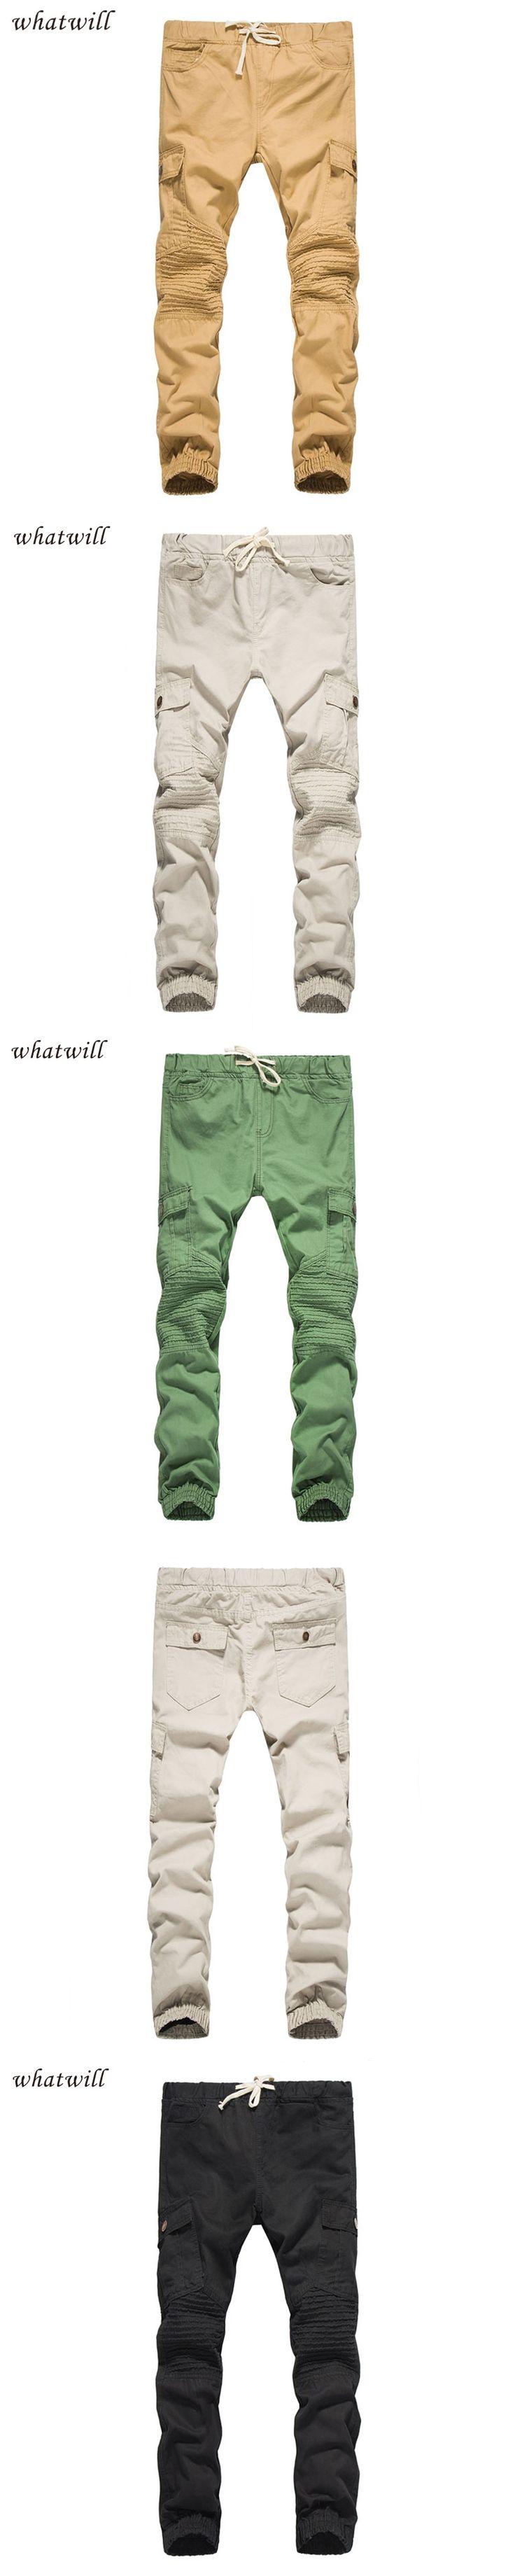 New 2017 men pant casual pants hip hop trousers sweatpants fashion pantalon homme long joggers cargo pants